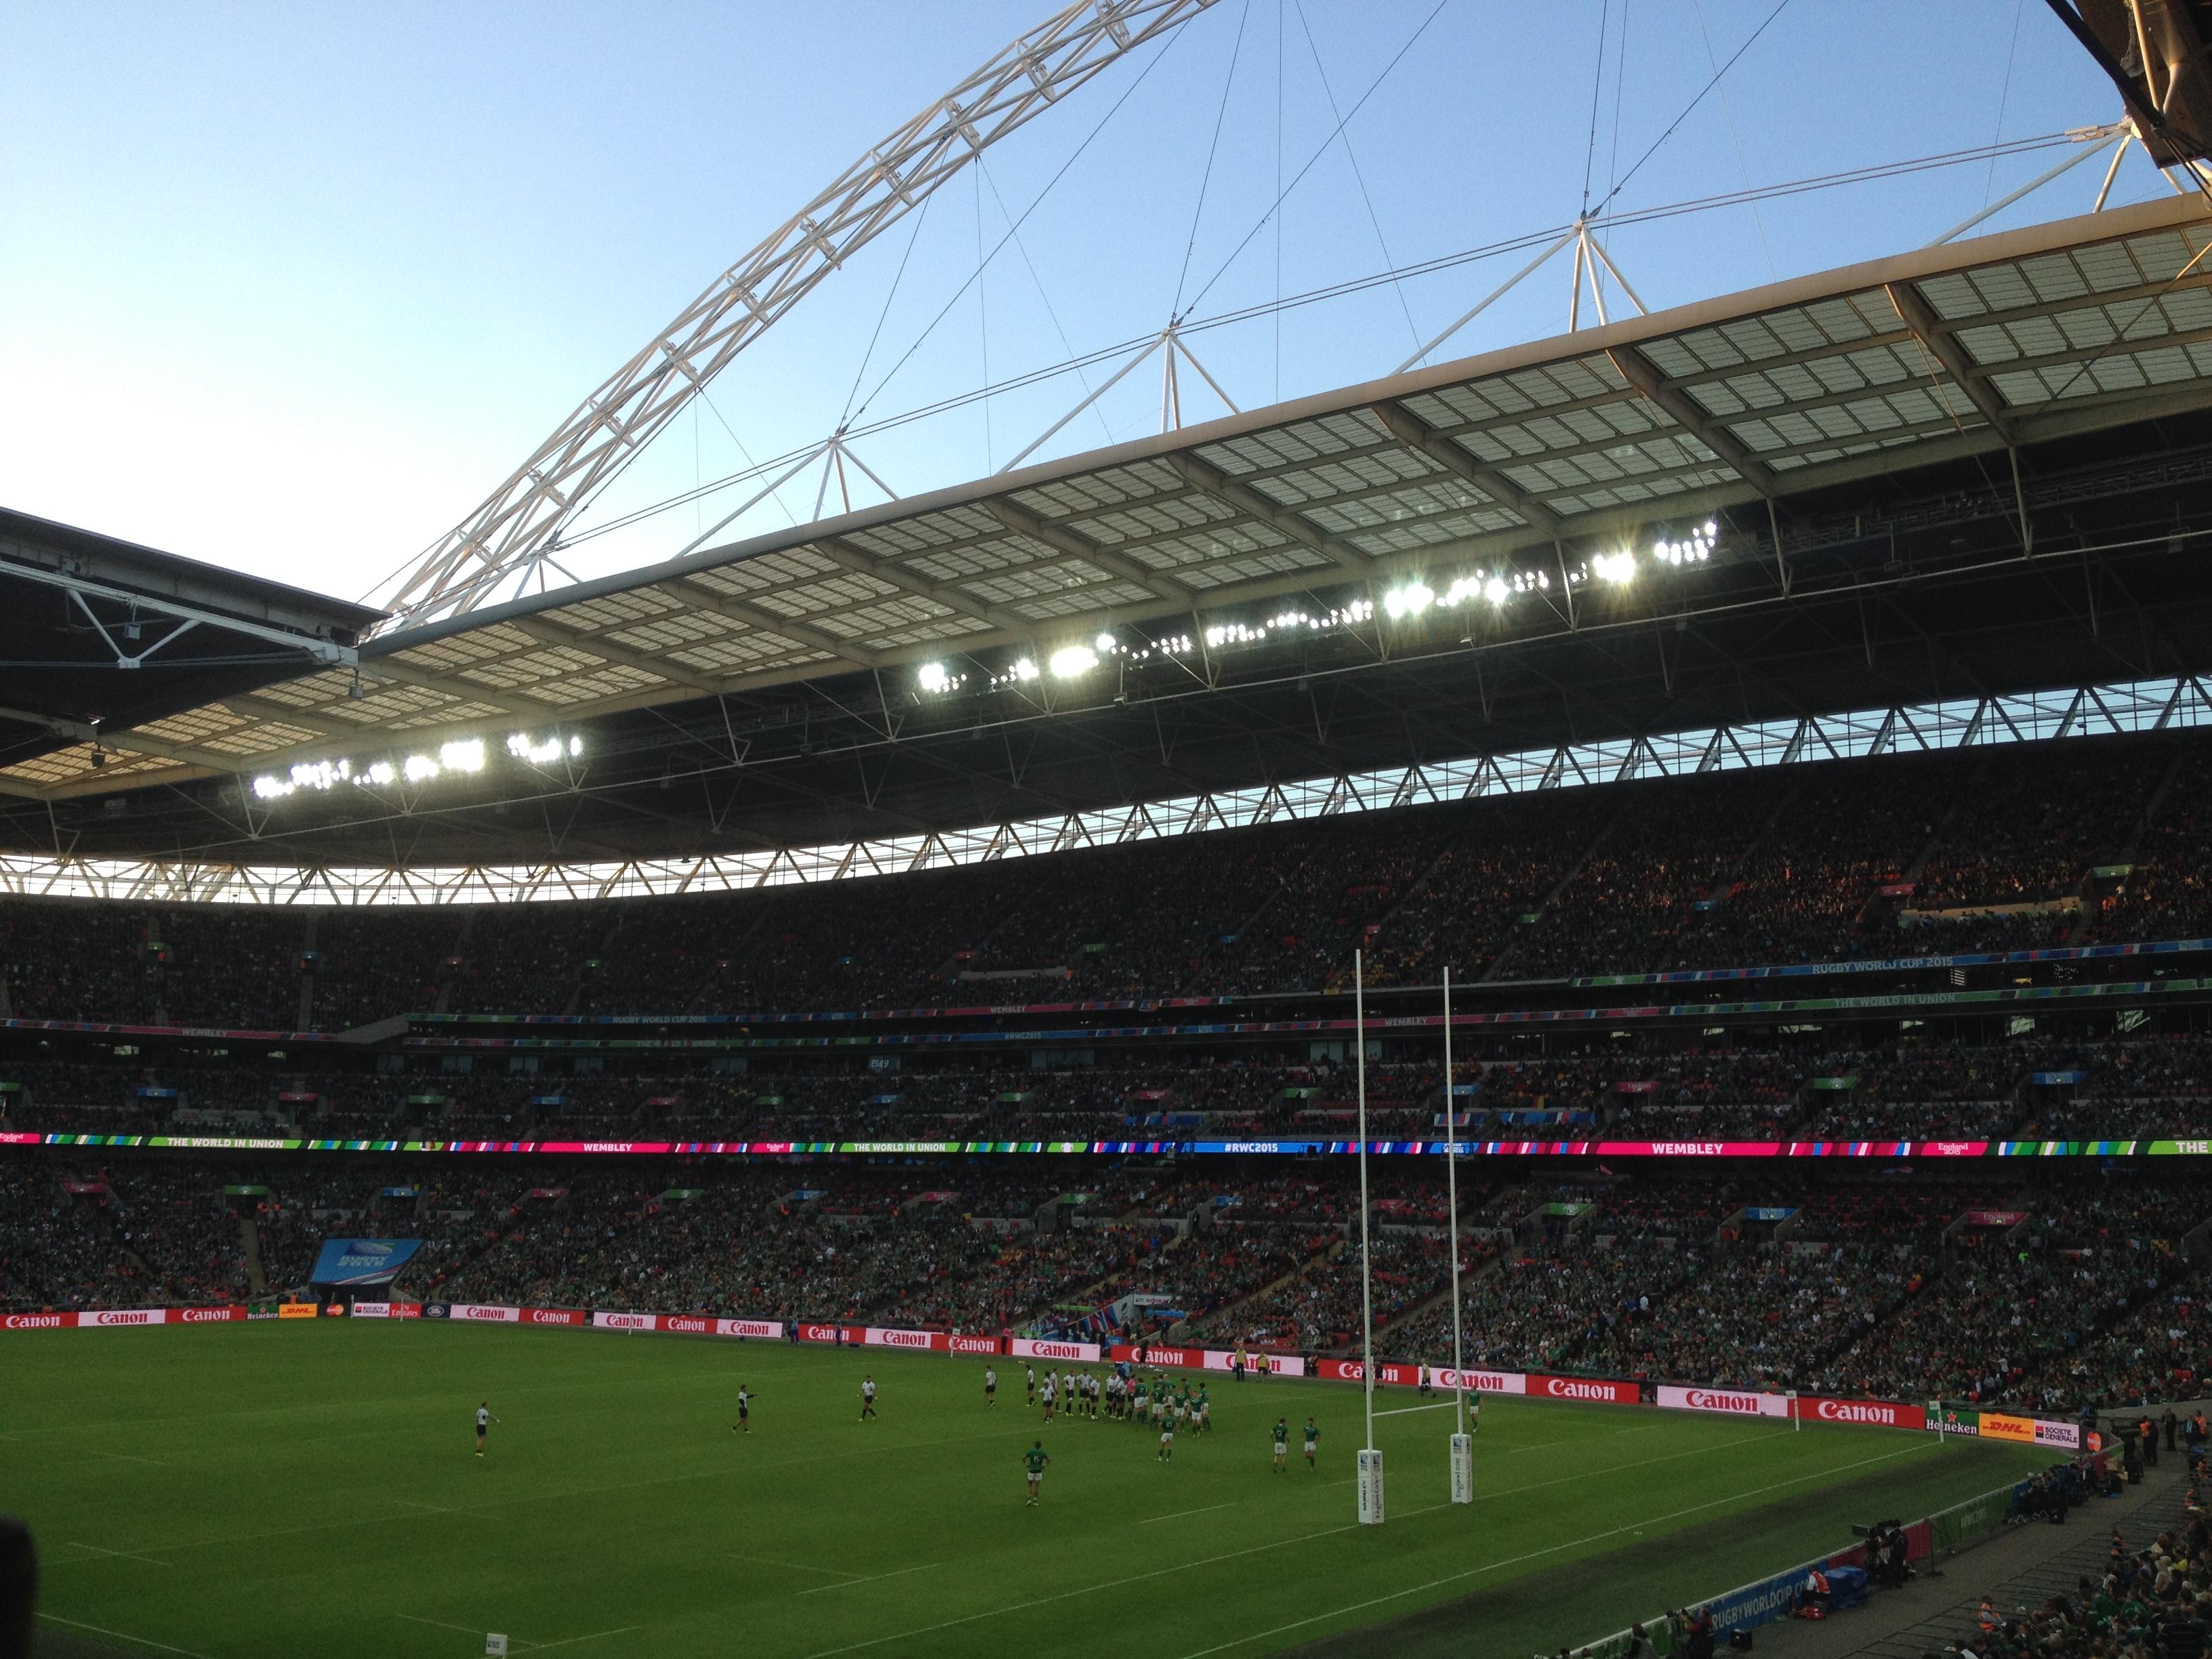 Ireland v Romania under the Wembley arch